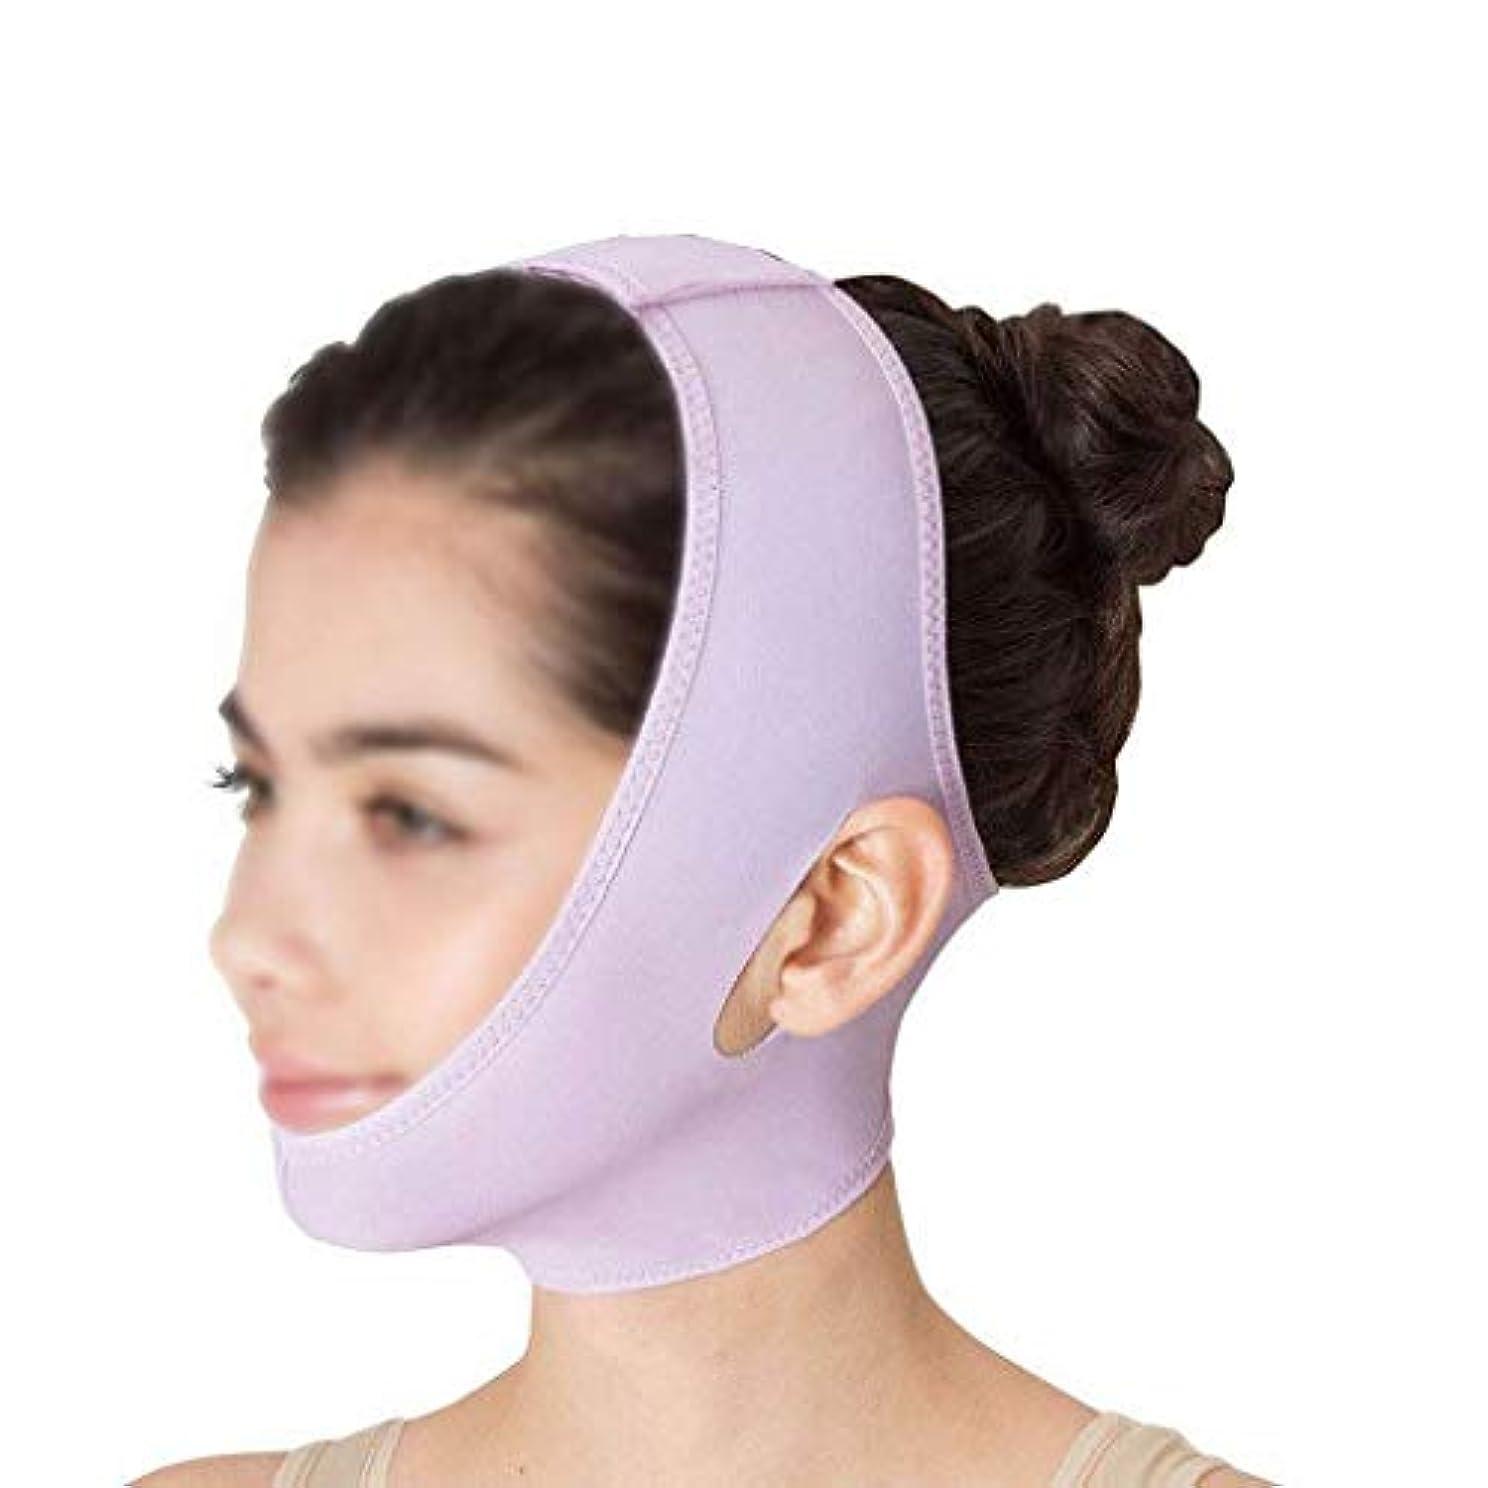 フィッティング芽正確に薄いフェイスマスク ビームフェイス、薄いダブルチンでスリーピングマスクの下の頬を防ぎ、小さなVフェイスを作成